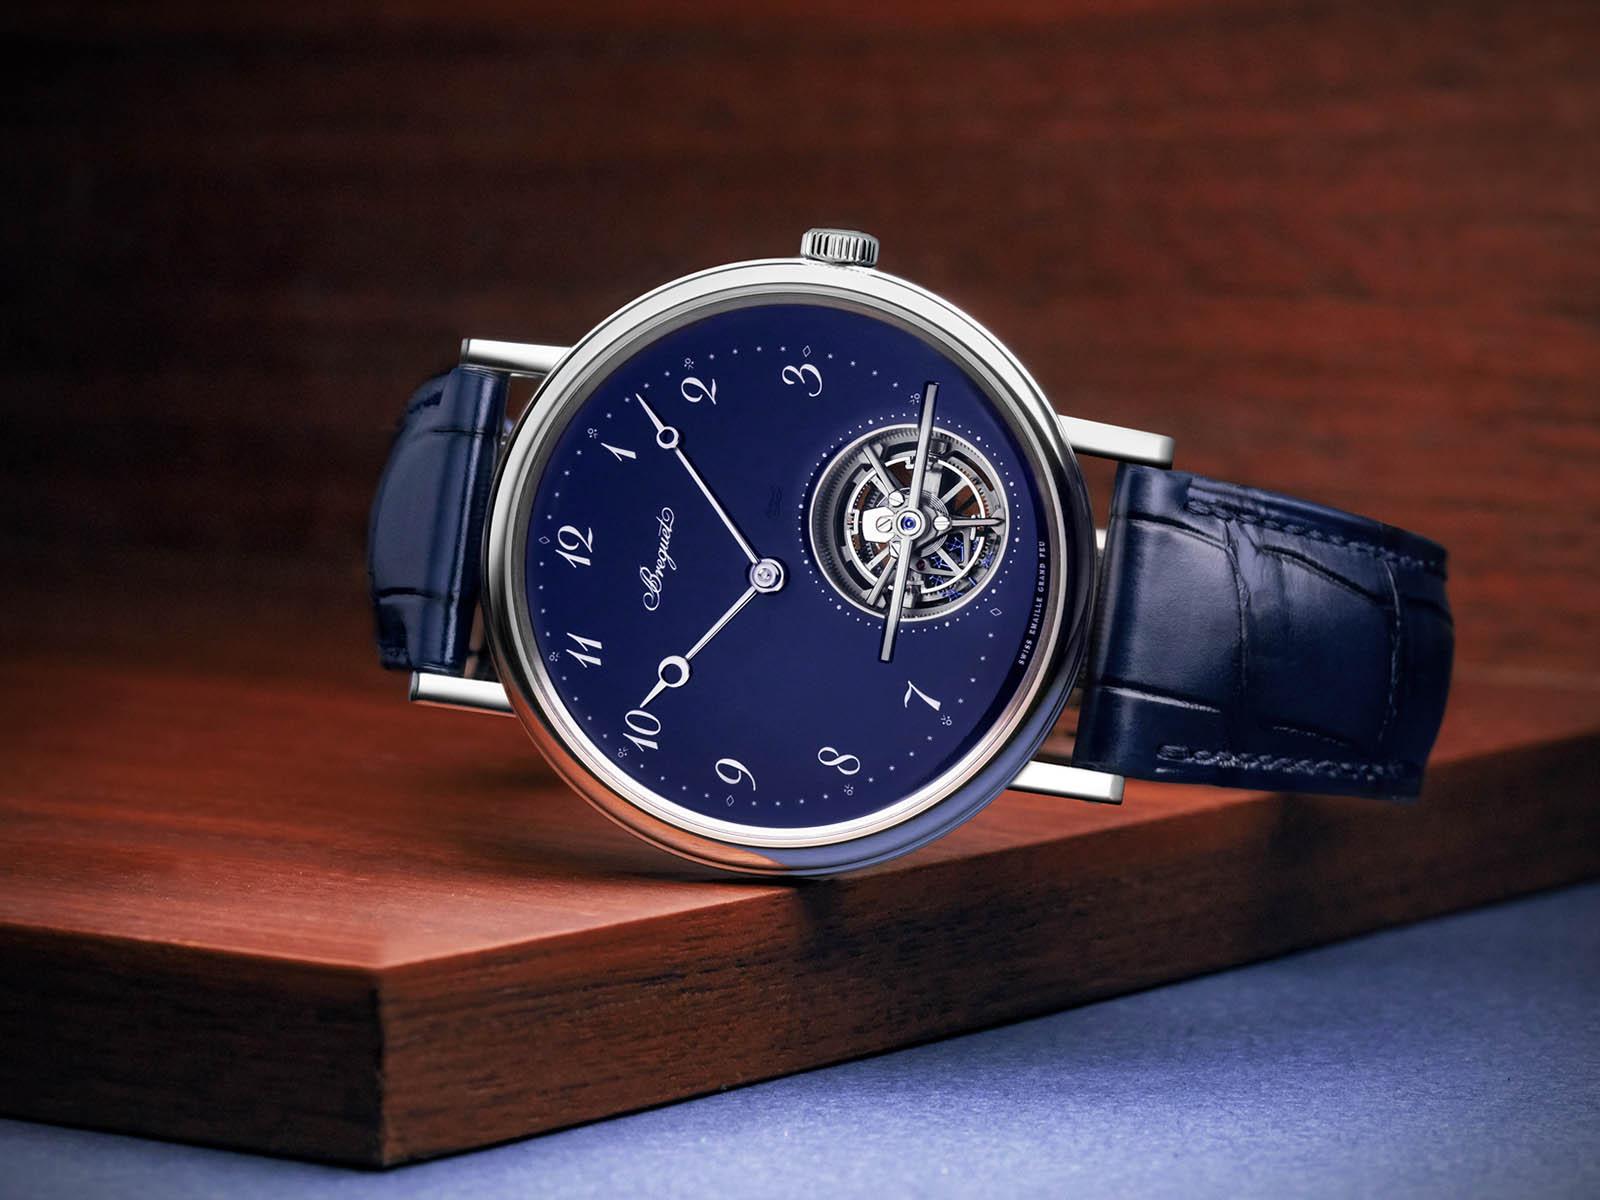 5367pt-2y-9wu-breguet-classique-tourbillon-extra-plat-automatique-5367-blue-1.jpg